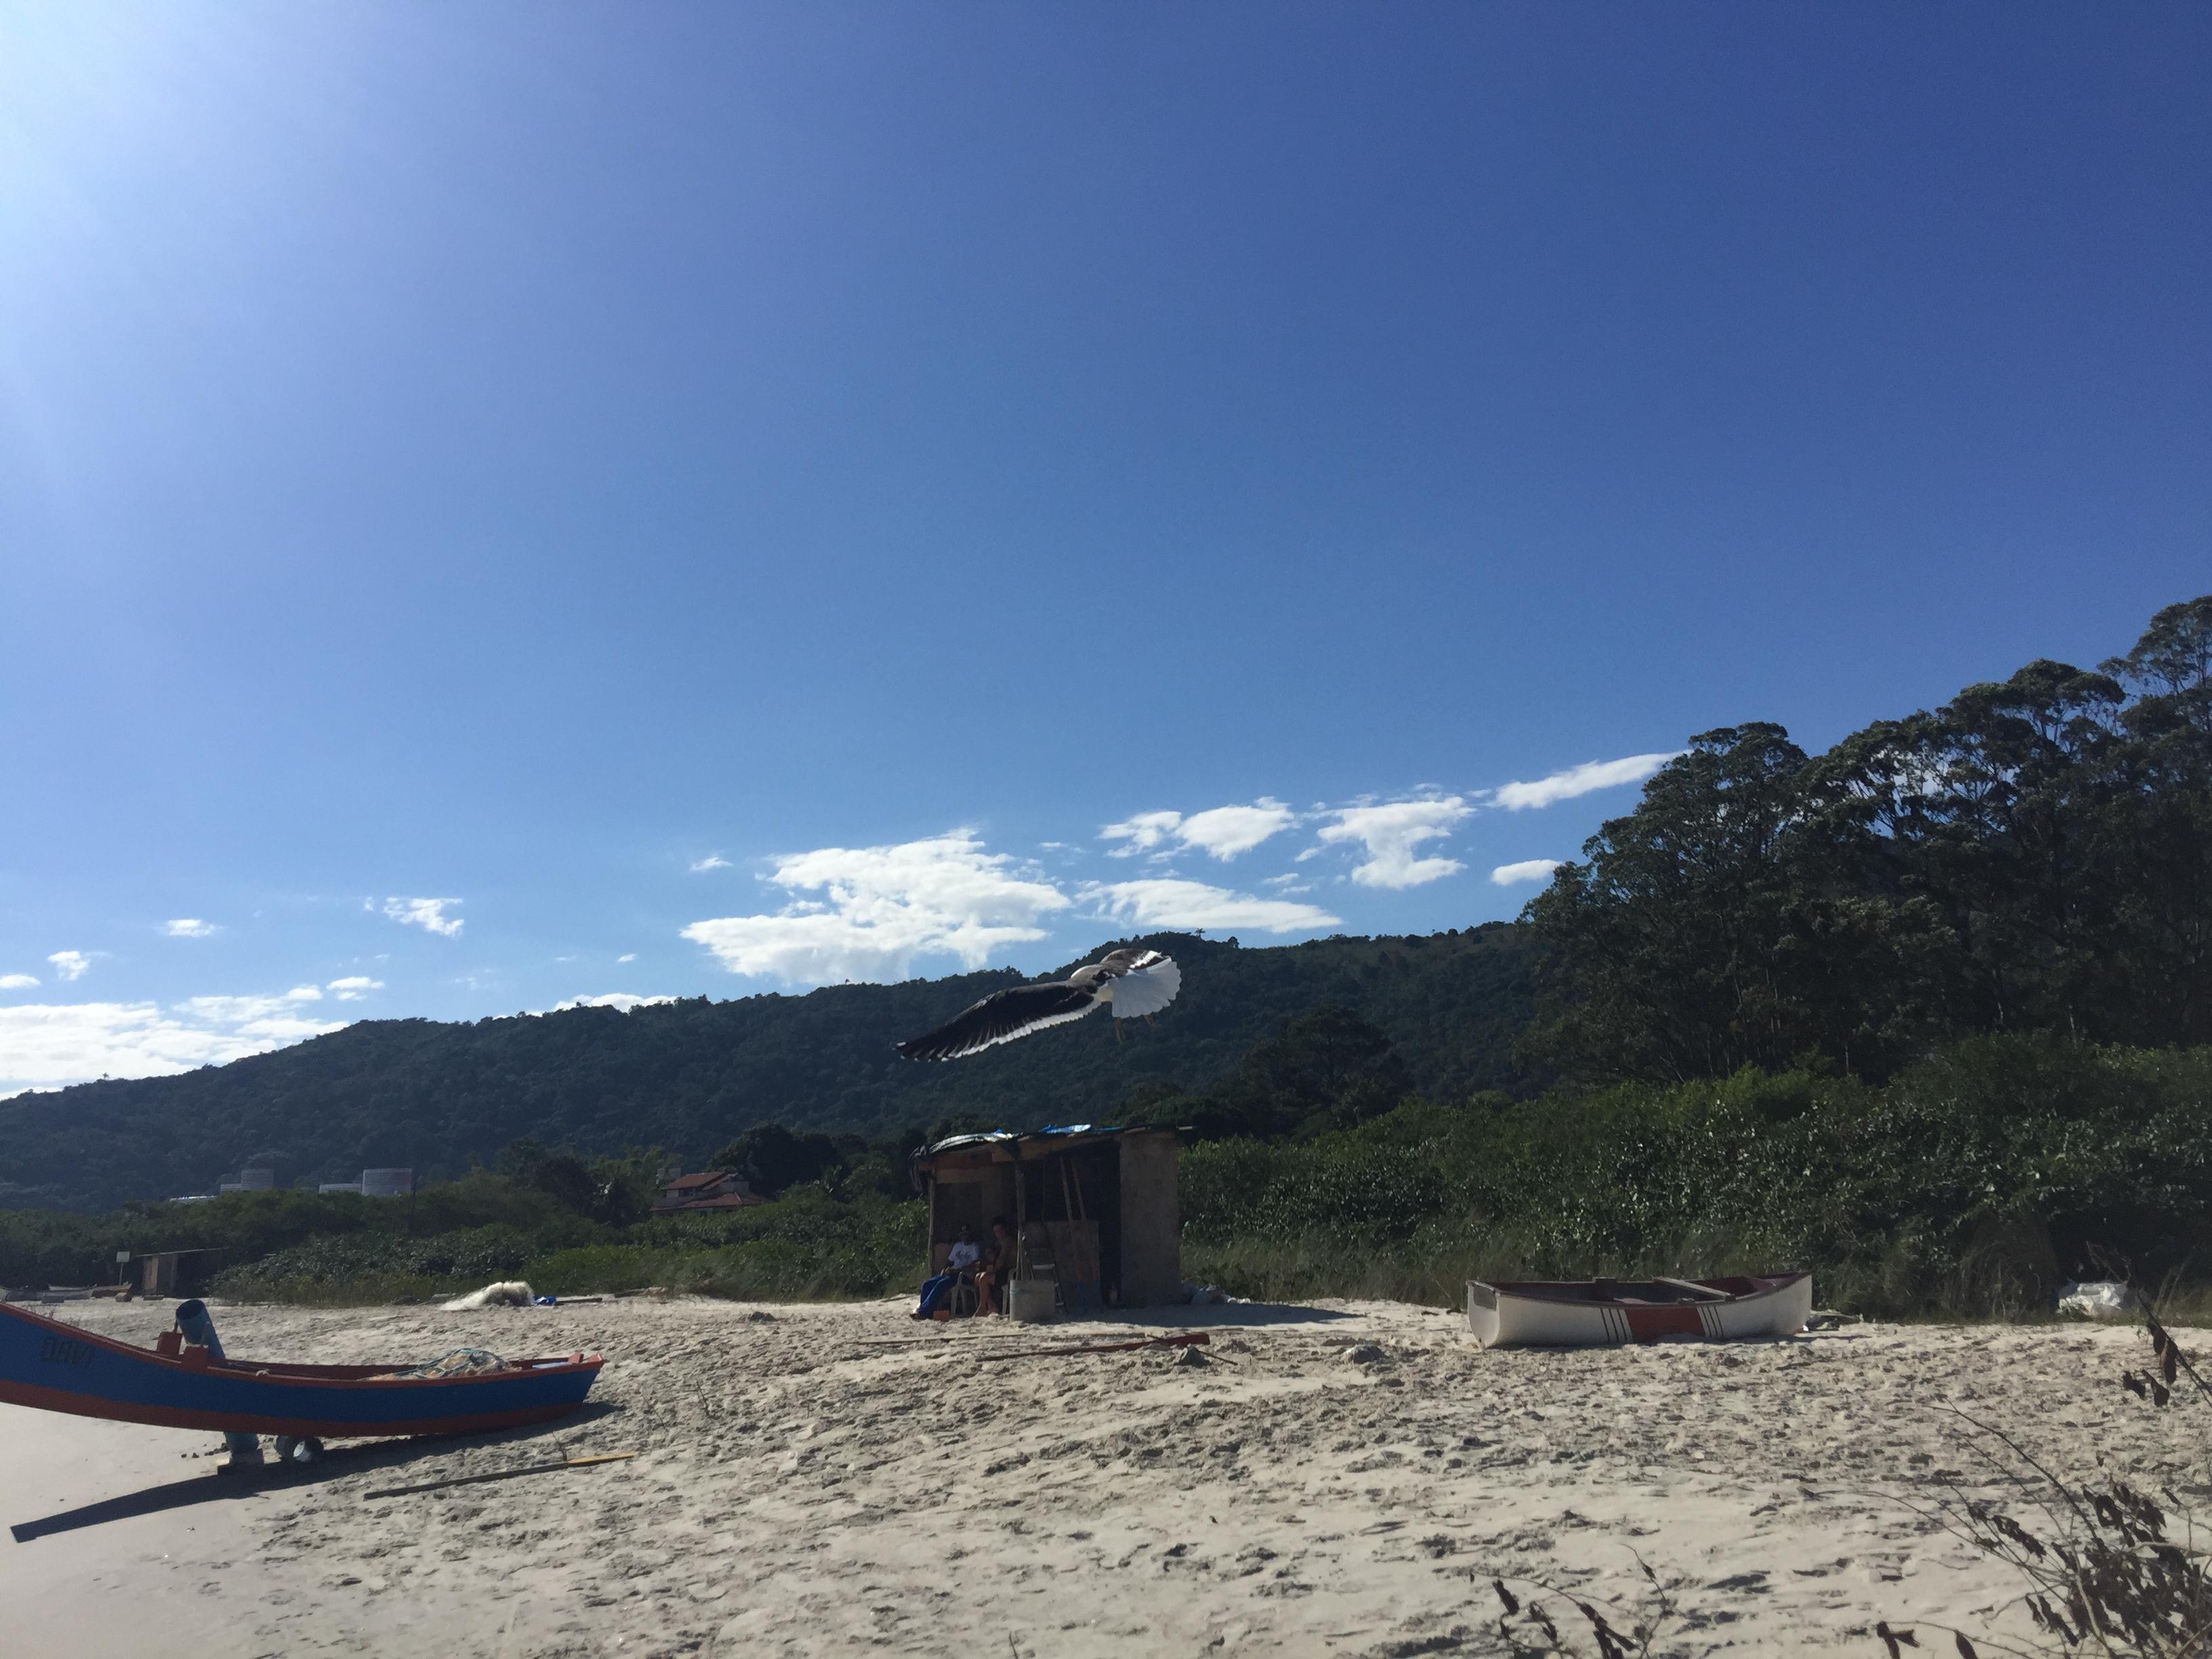 Praia Cachoeira do Bom Jesus